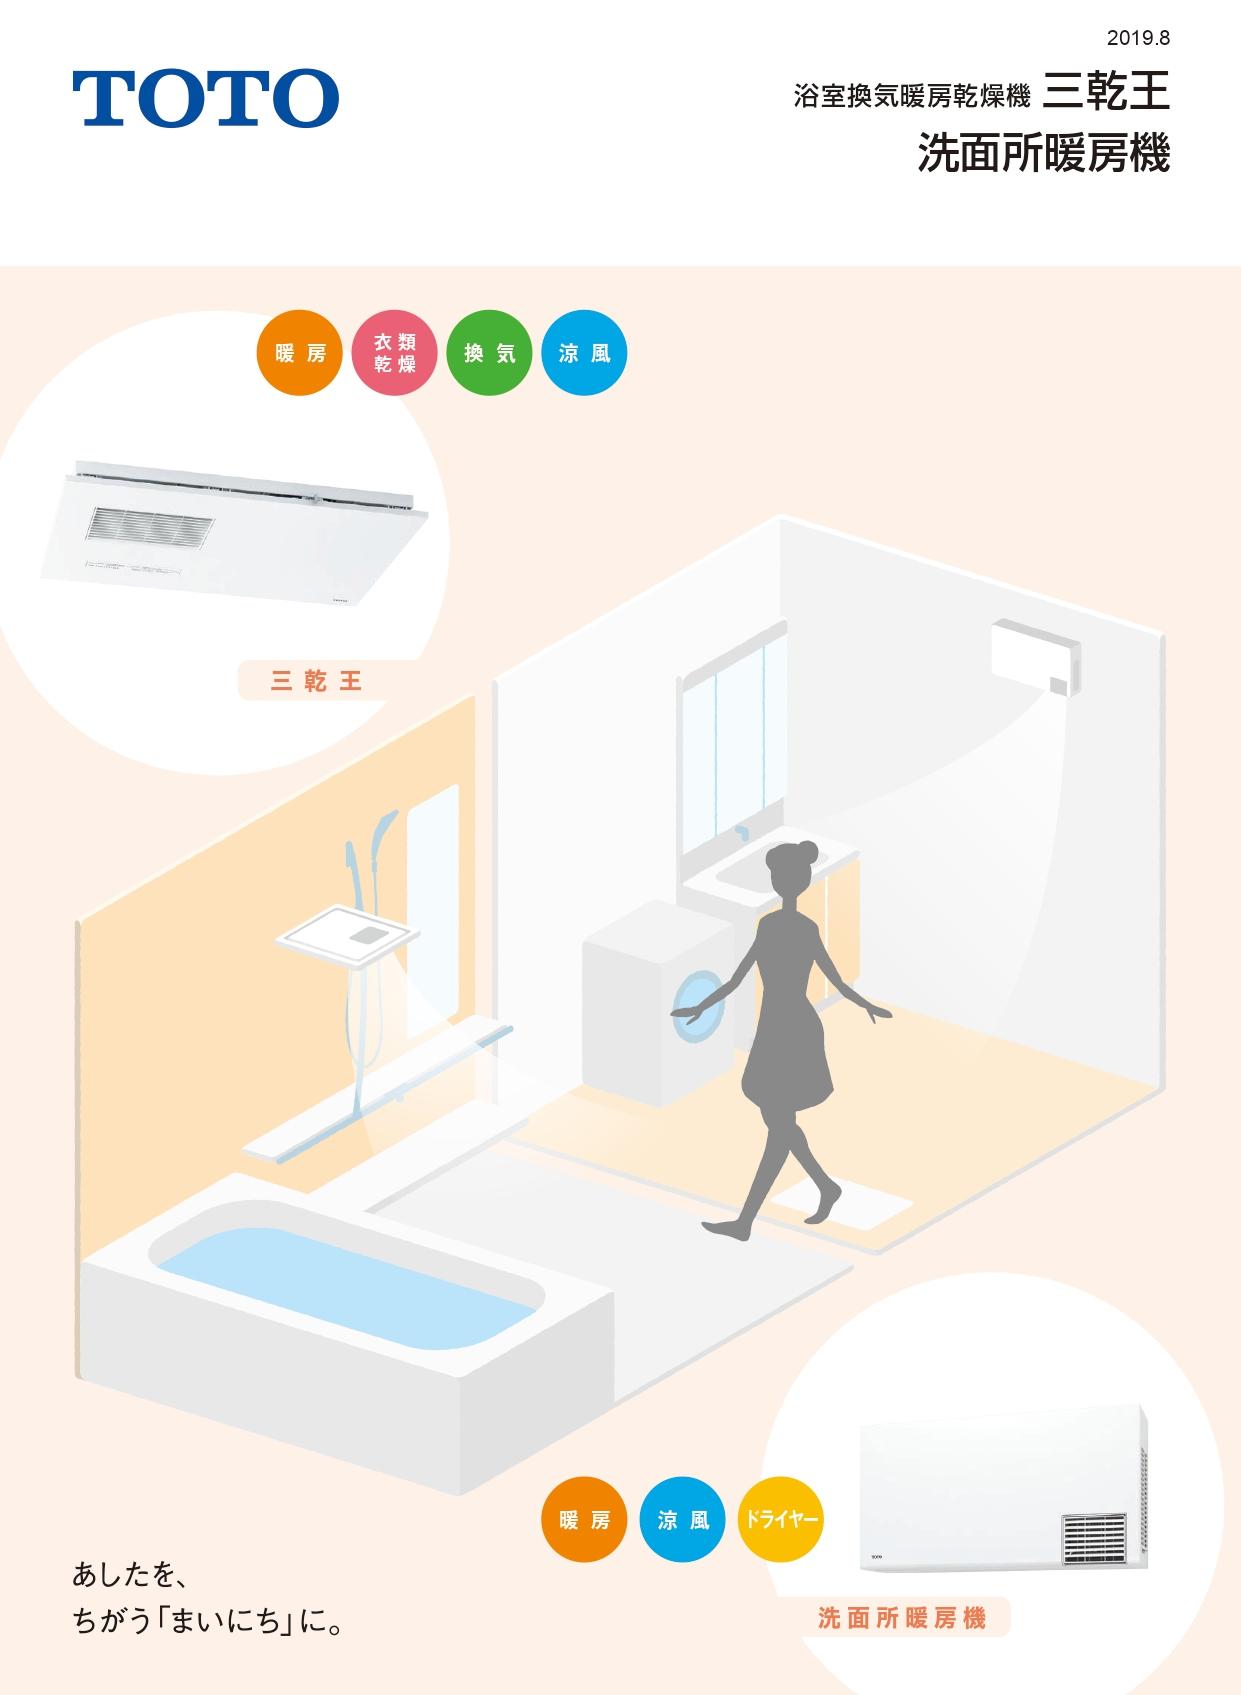 TOTO 浴室換気暖房乾燥機 三乾王 洗面所暖房機